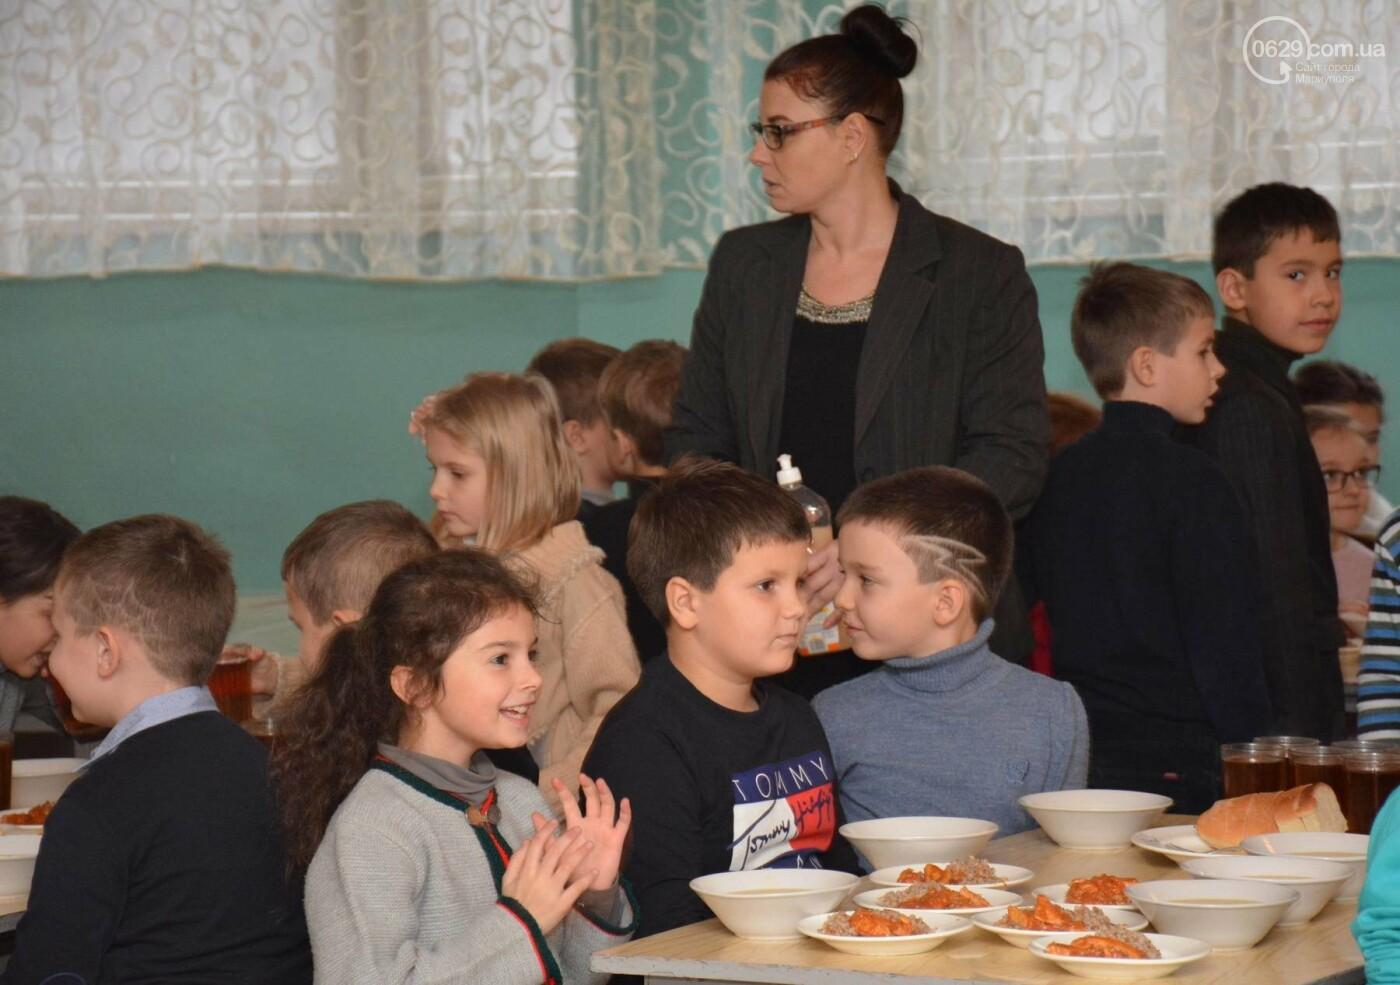 Больше молочных и мясных блюд, свежих овощей и фруктов: в ОШ № 15 представили обновленное меню для школьников., фото-5